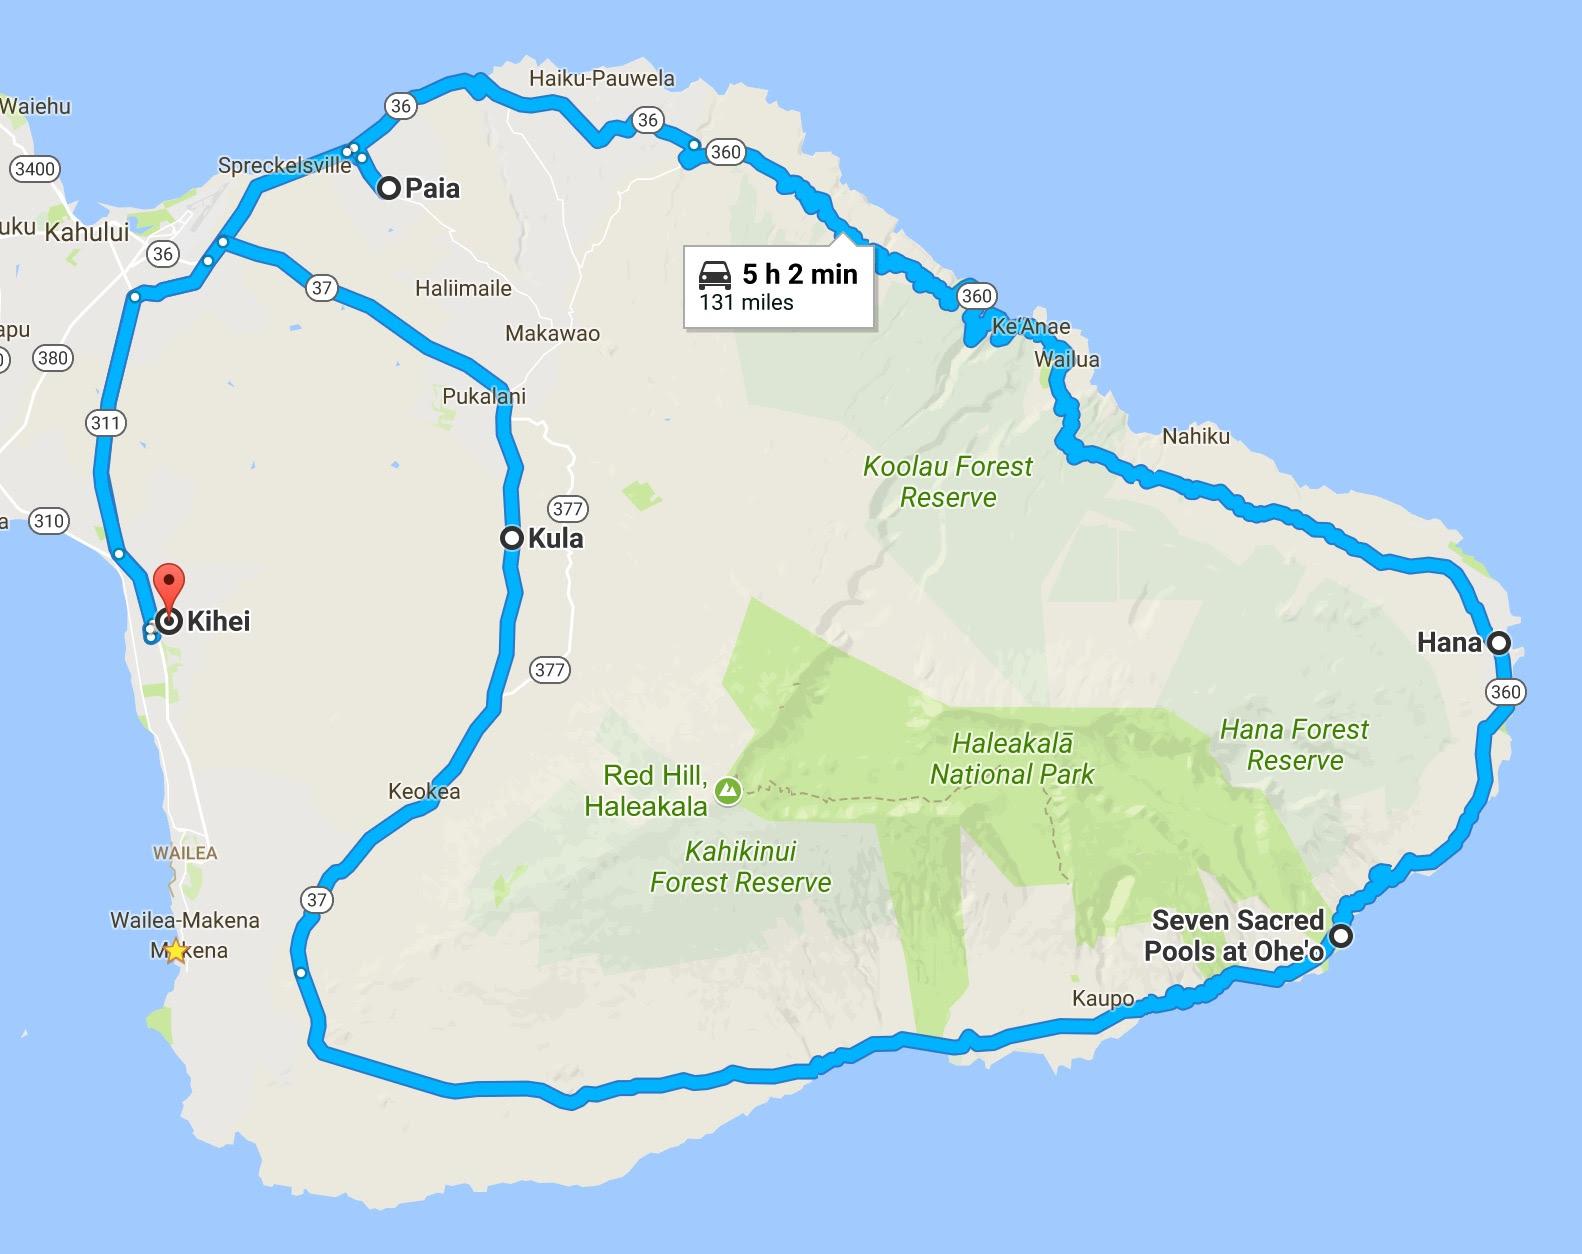 Road to Hana full loop (map)